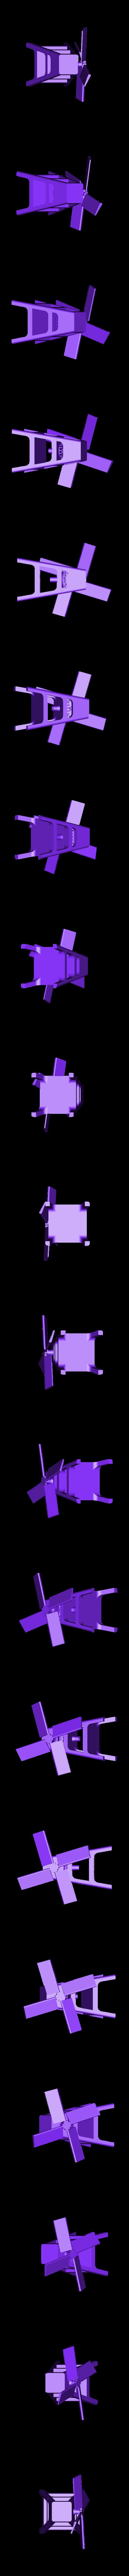 Windmill_2.stl Télécharger fichier STL gratuit Moulin à vent à l'ancienne • Plan à imprimer en 3D, Beardoric